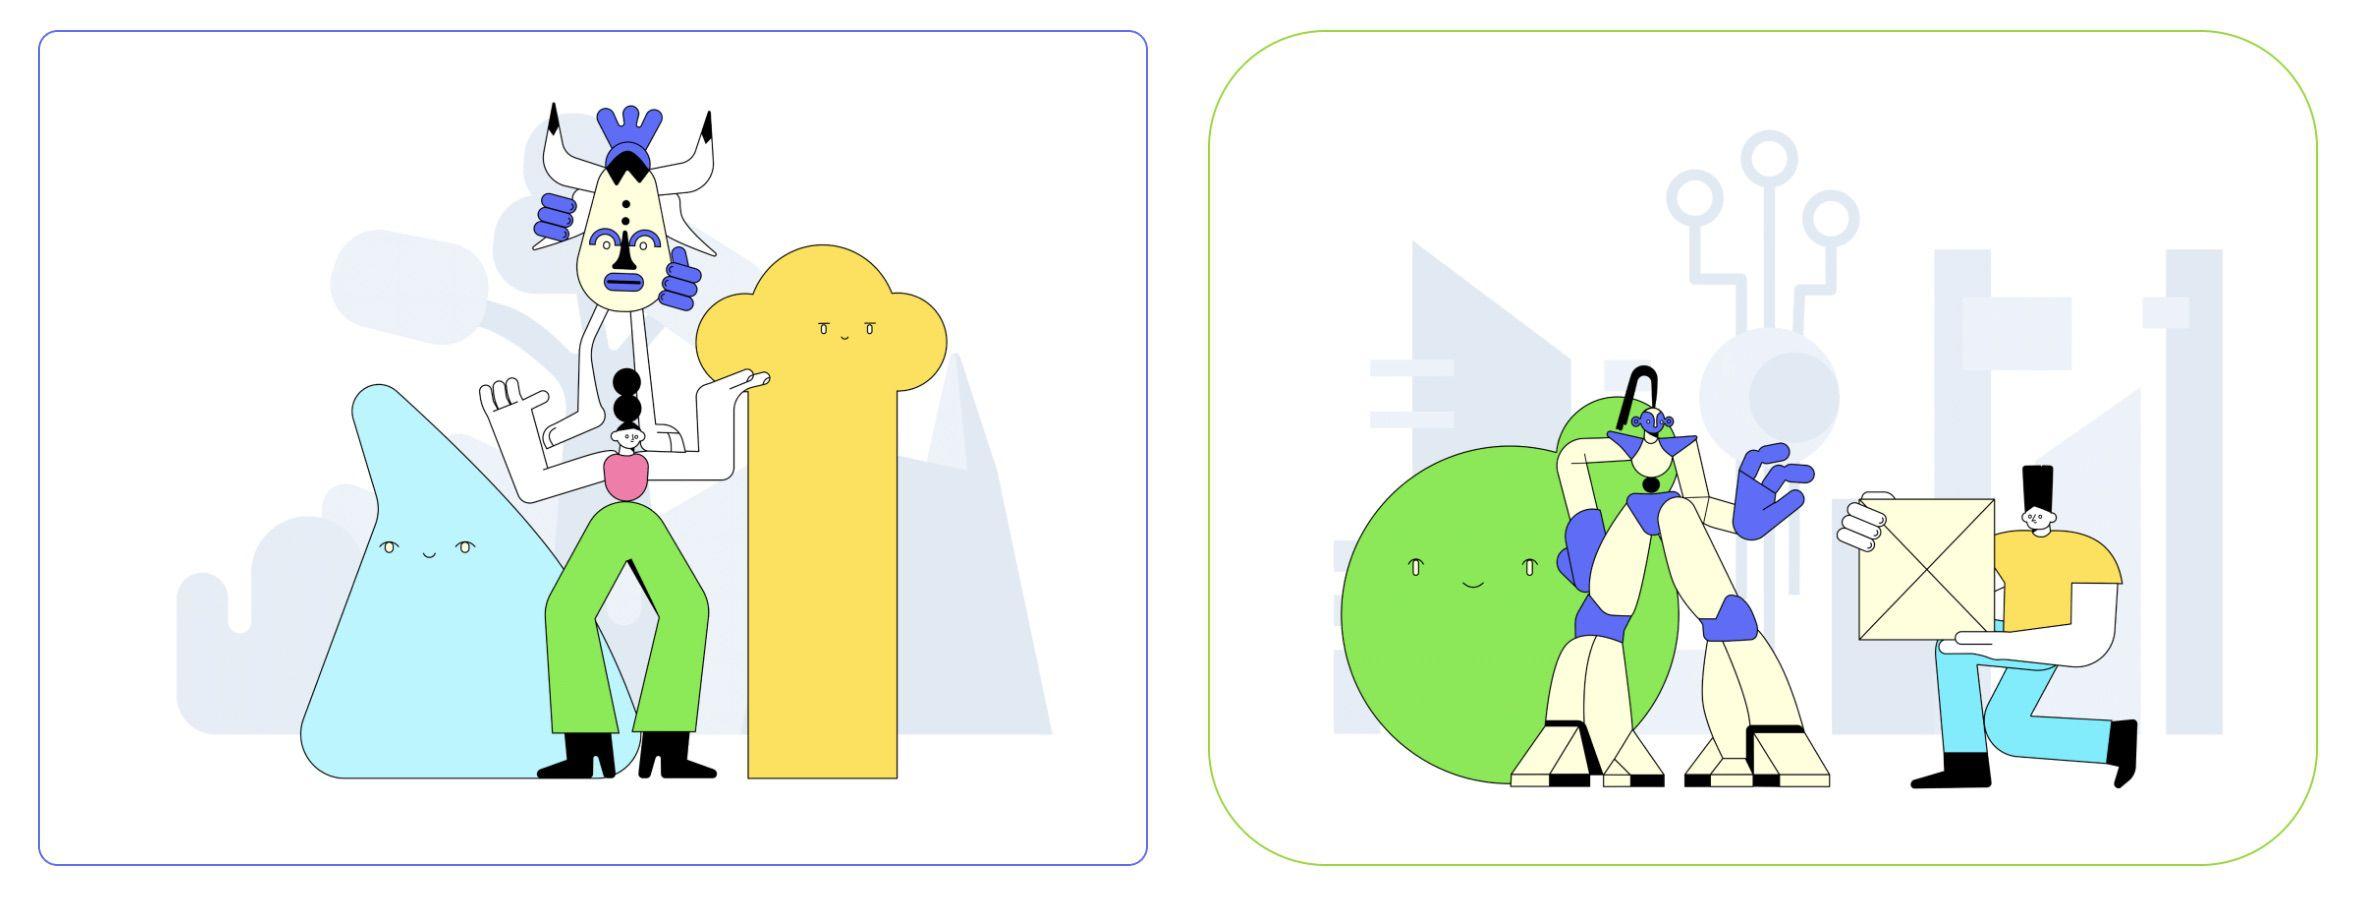 exemples d'illustrations prêtes à l'emploi sur Flow Lava